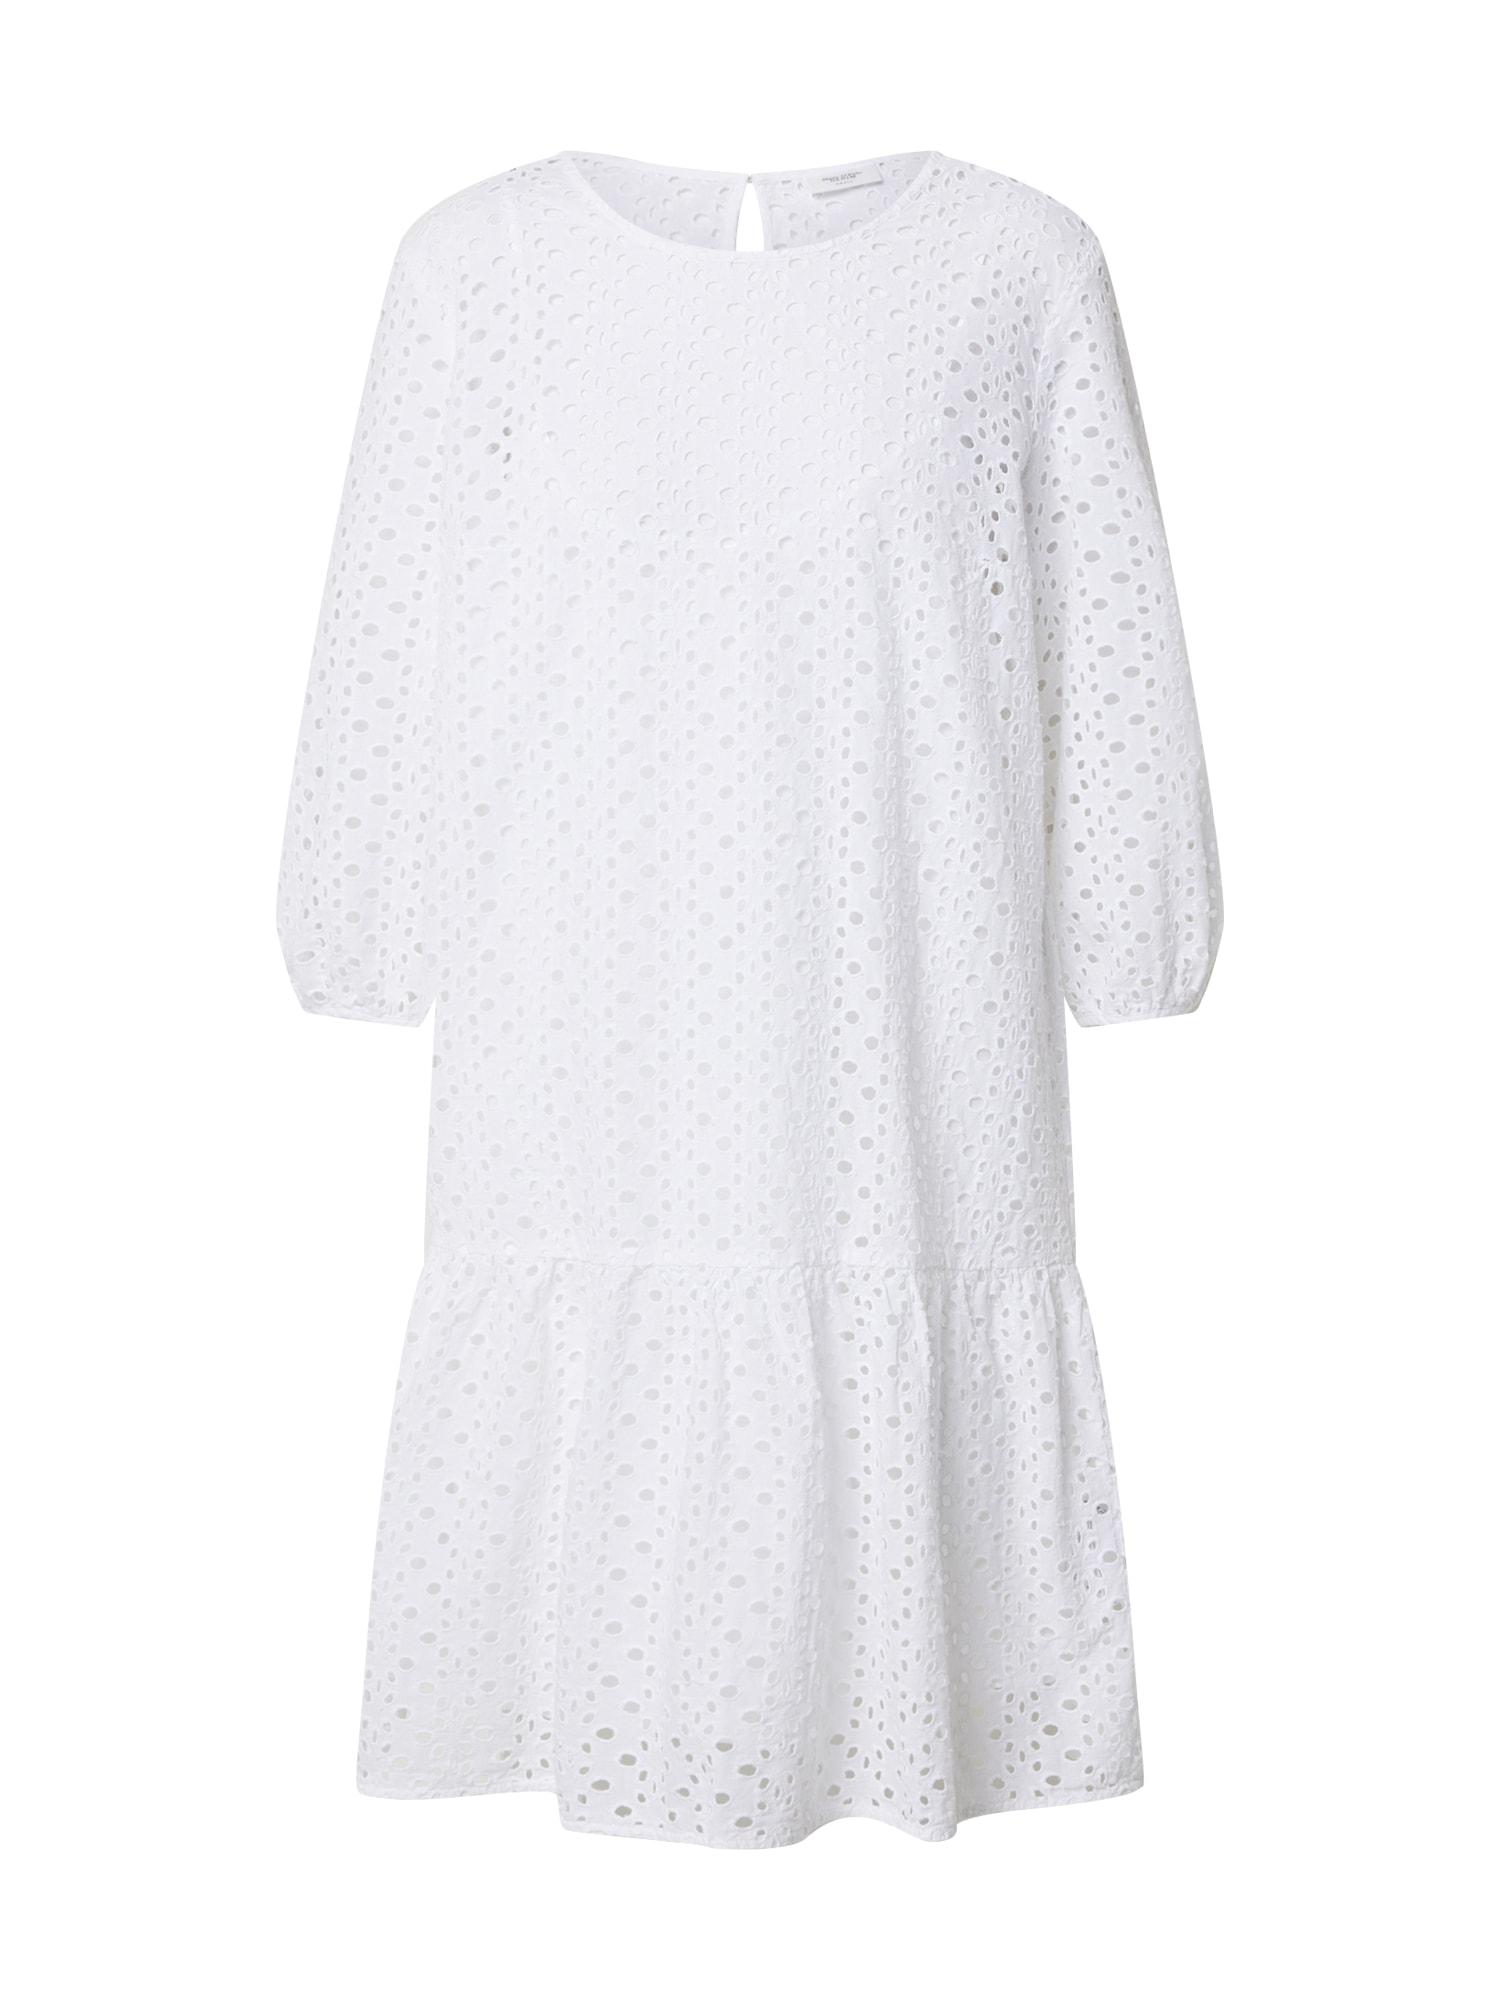 Marc O'Polo DENIM Vasarinė suknelė 'Broidery anglaise, ls' balta